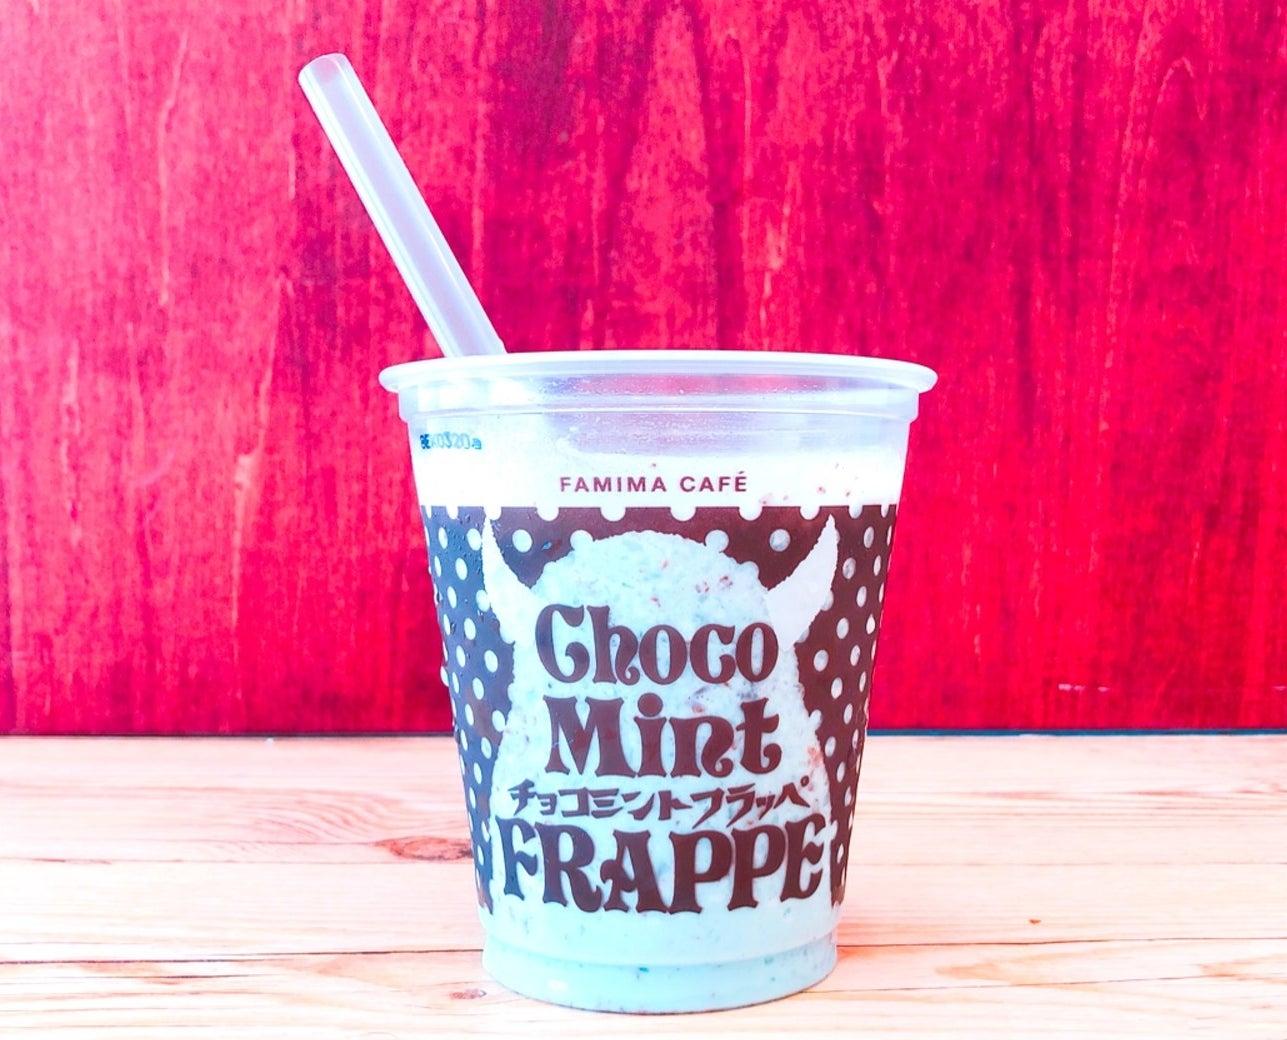 チョコミントフラッペー!!!!!数種類あるフラッペの中で、昨年1番売れたのがこれらしい。